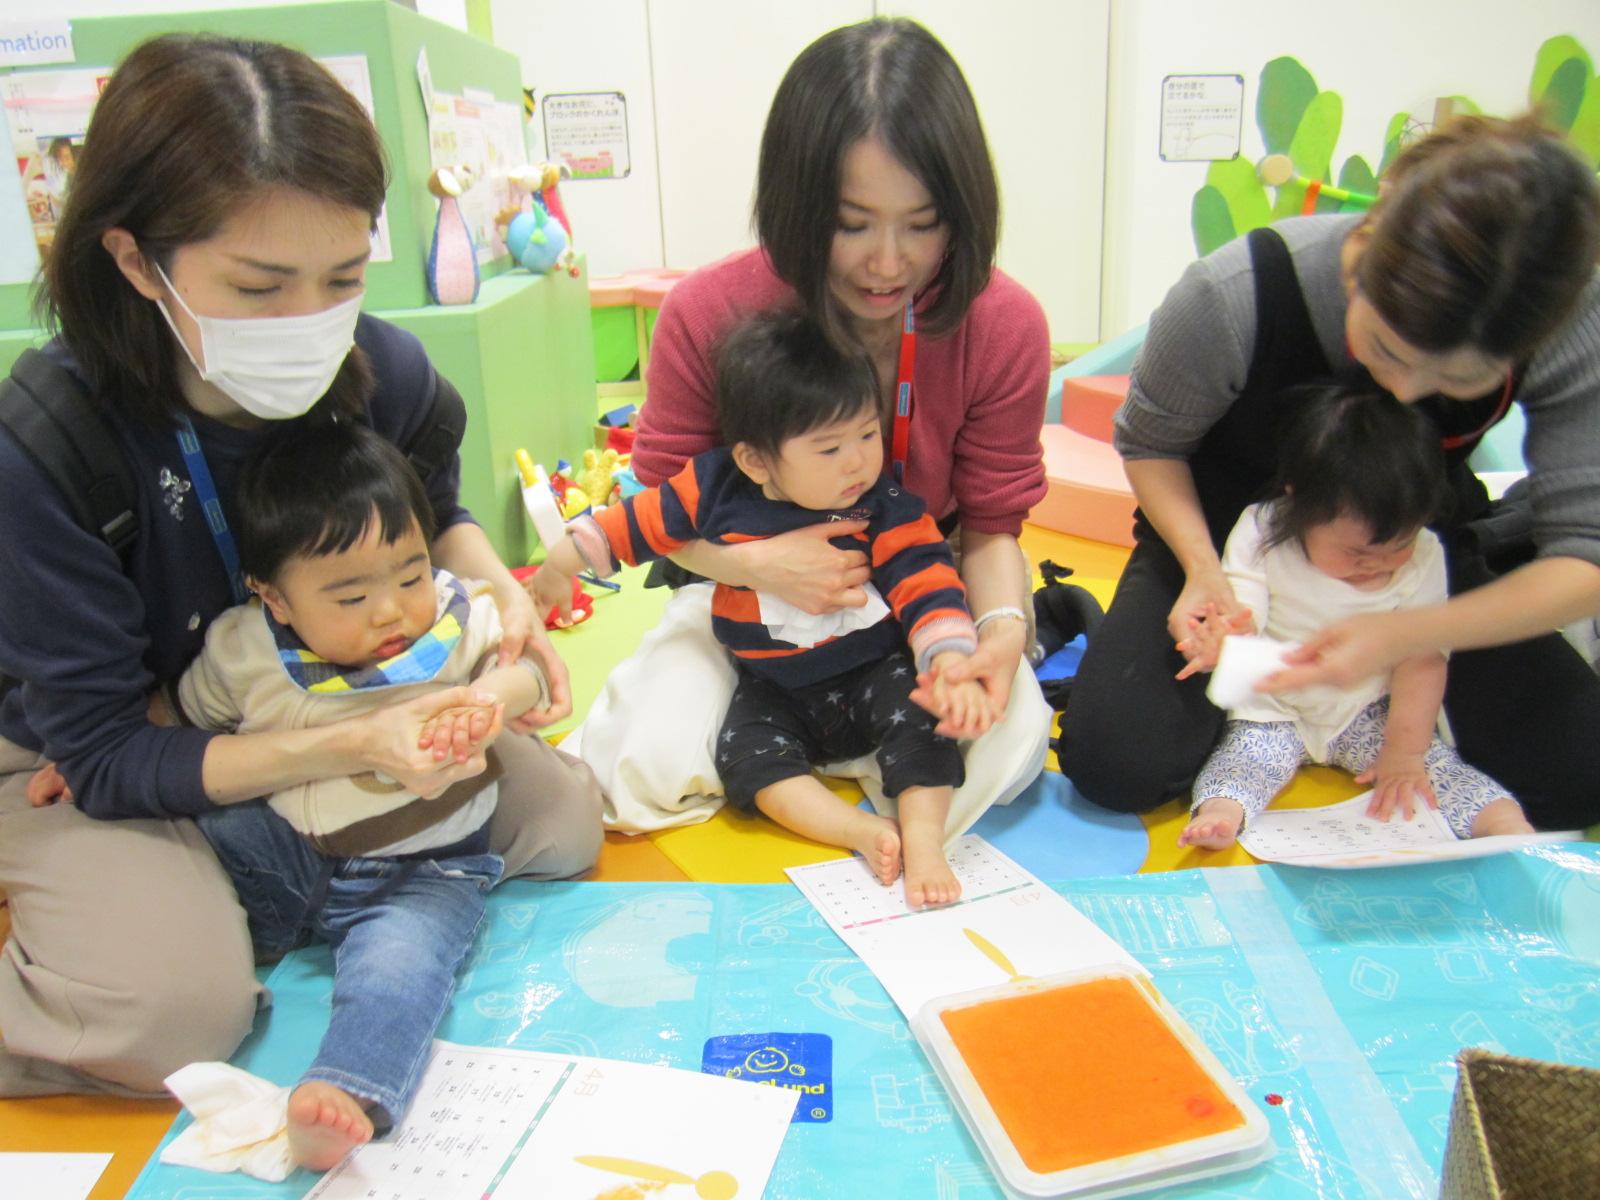 3月の赤ちゃんの日のイベントの様子 Part2